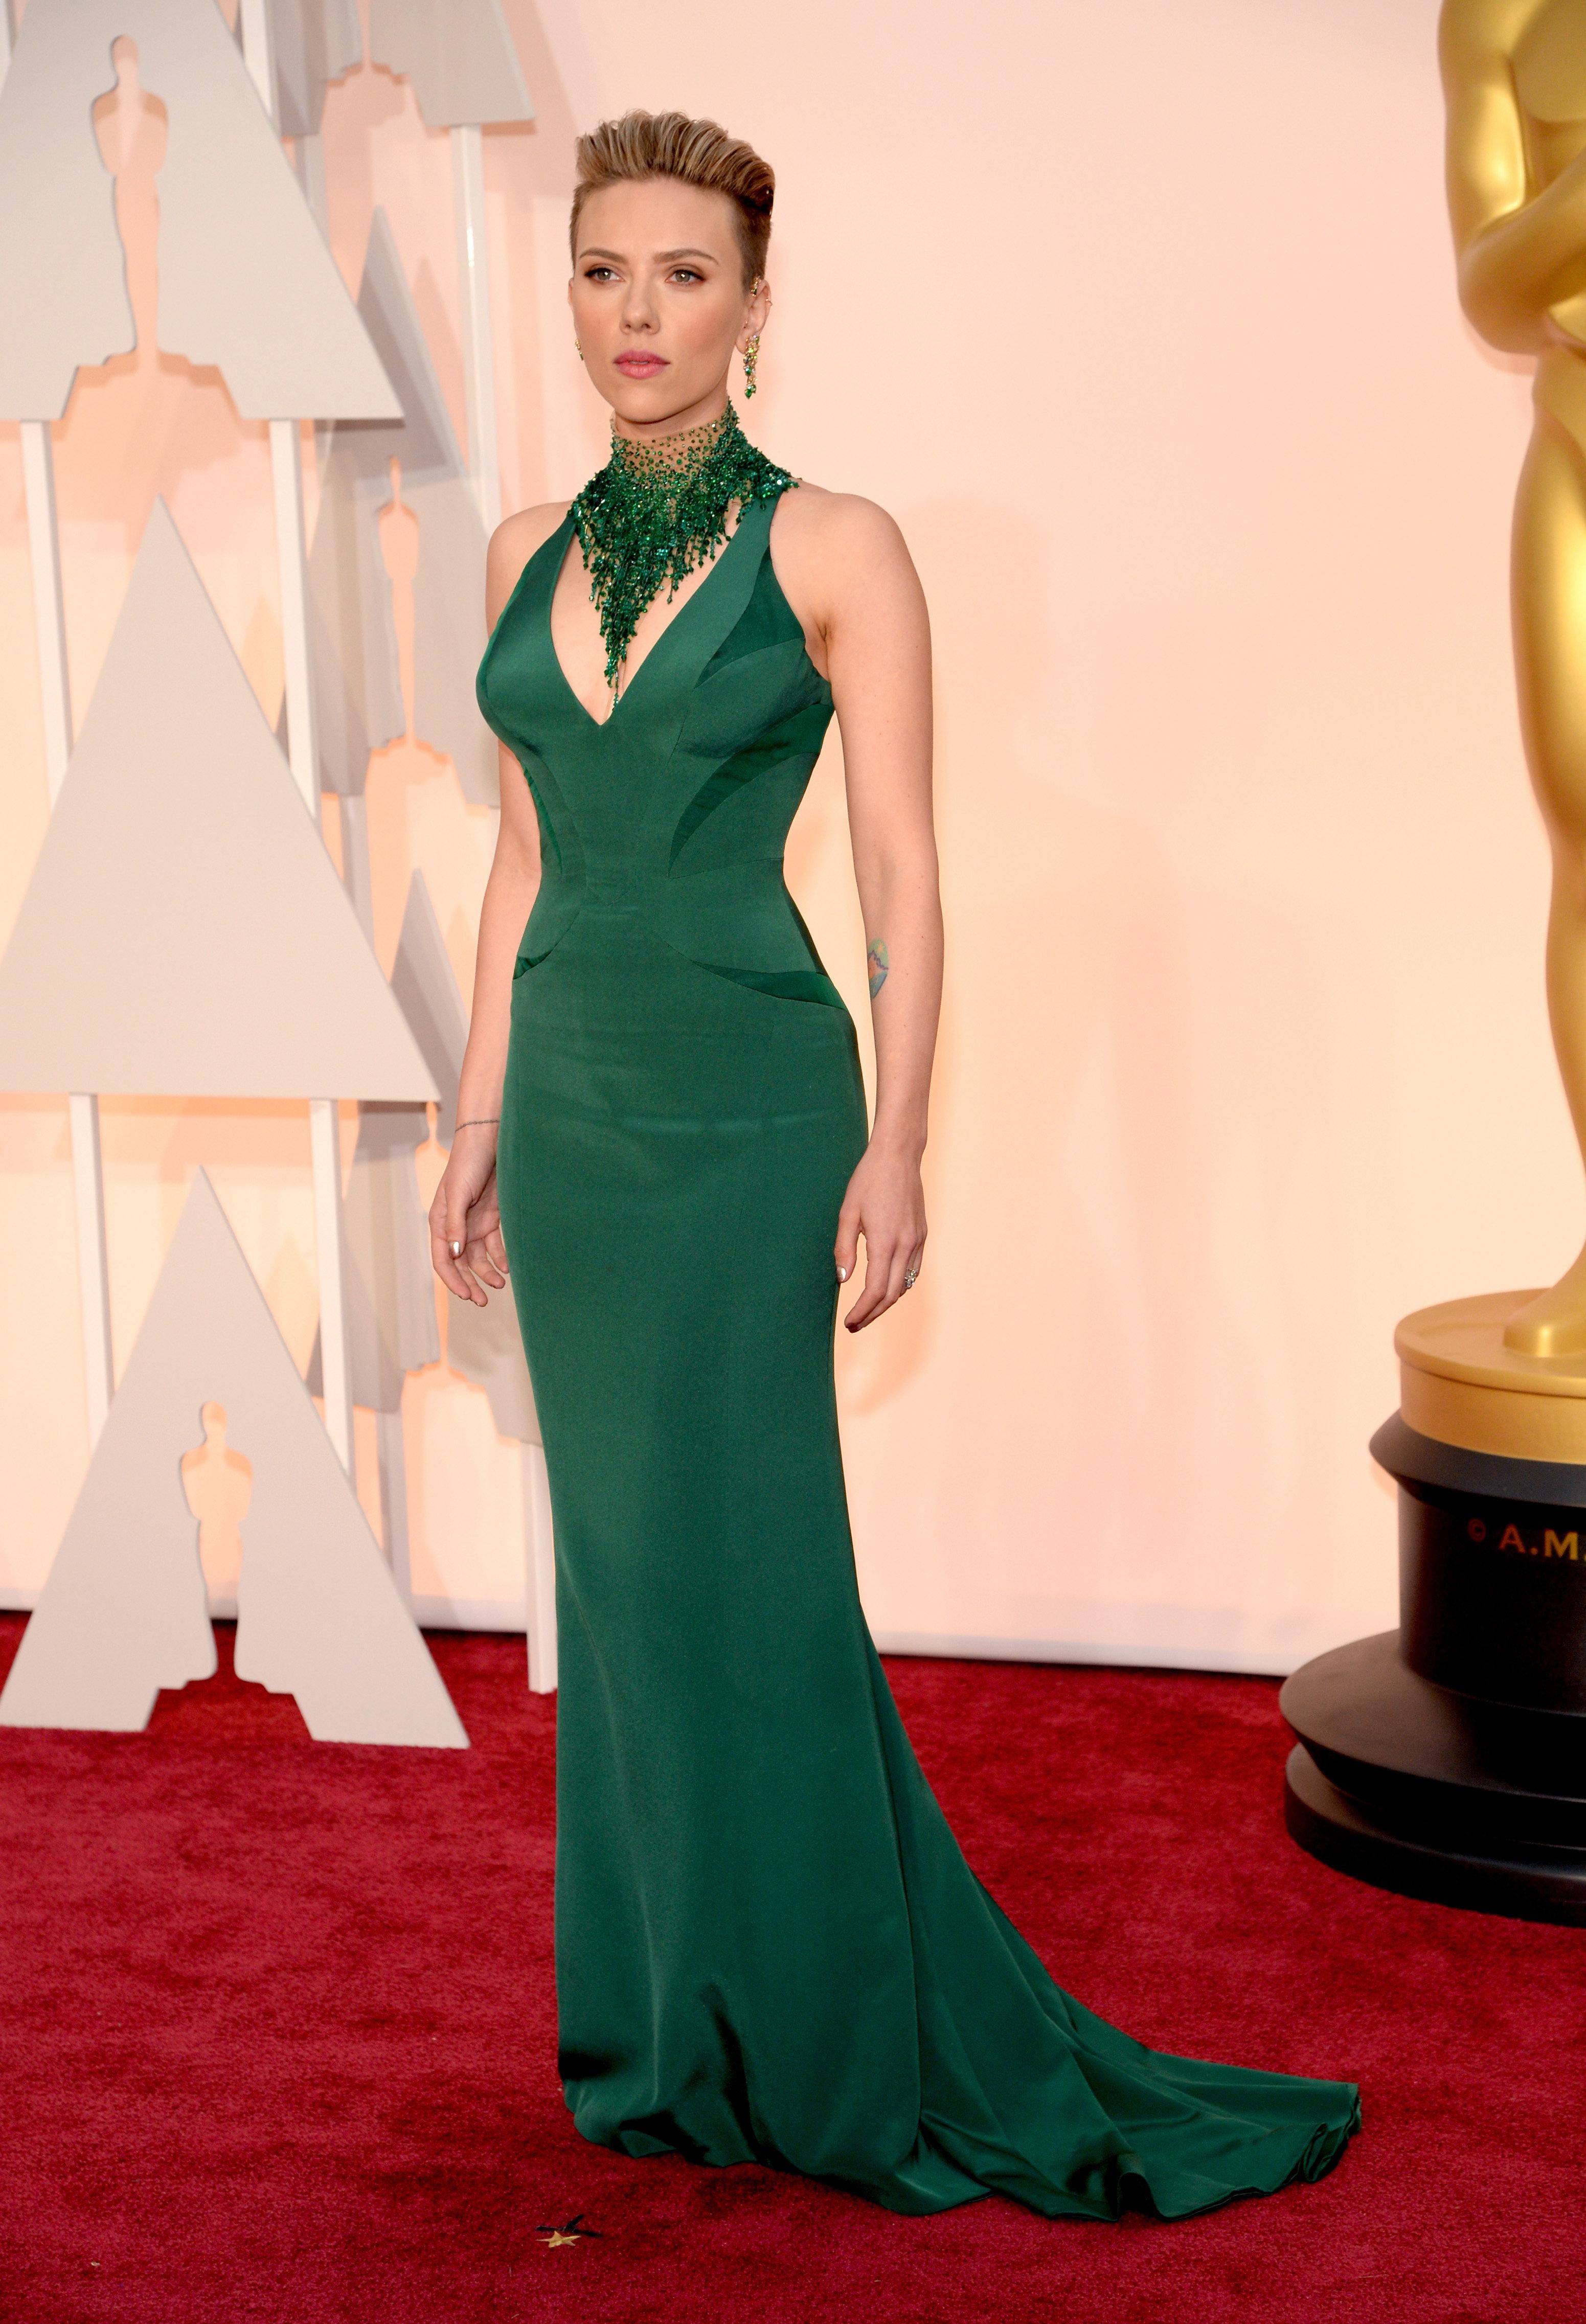 2017 Oscars Presenters Include Halle Berry Scarlett Johansson More Oscars 2017 News 89th Academy Awards